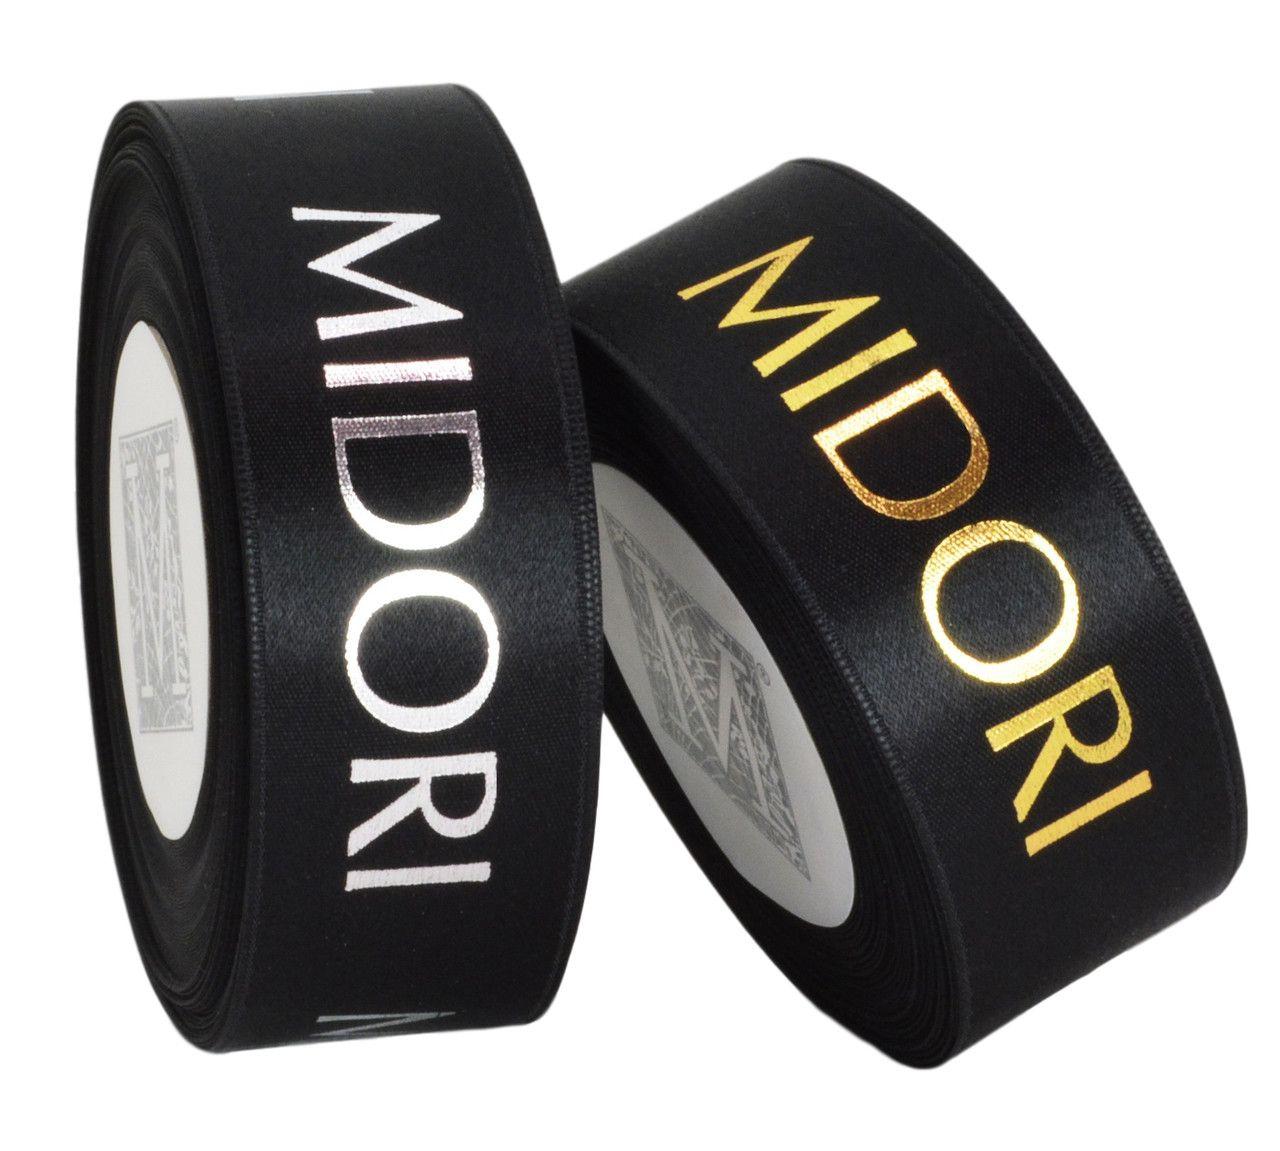 Fita de cetim personalizada 45mm  - Impressão Foil Metalizado ou serigrafia 1 cor - Preço por metro - Linha cristal 1513  - Litex Embalagens